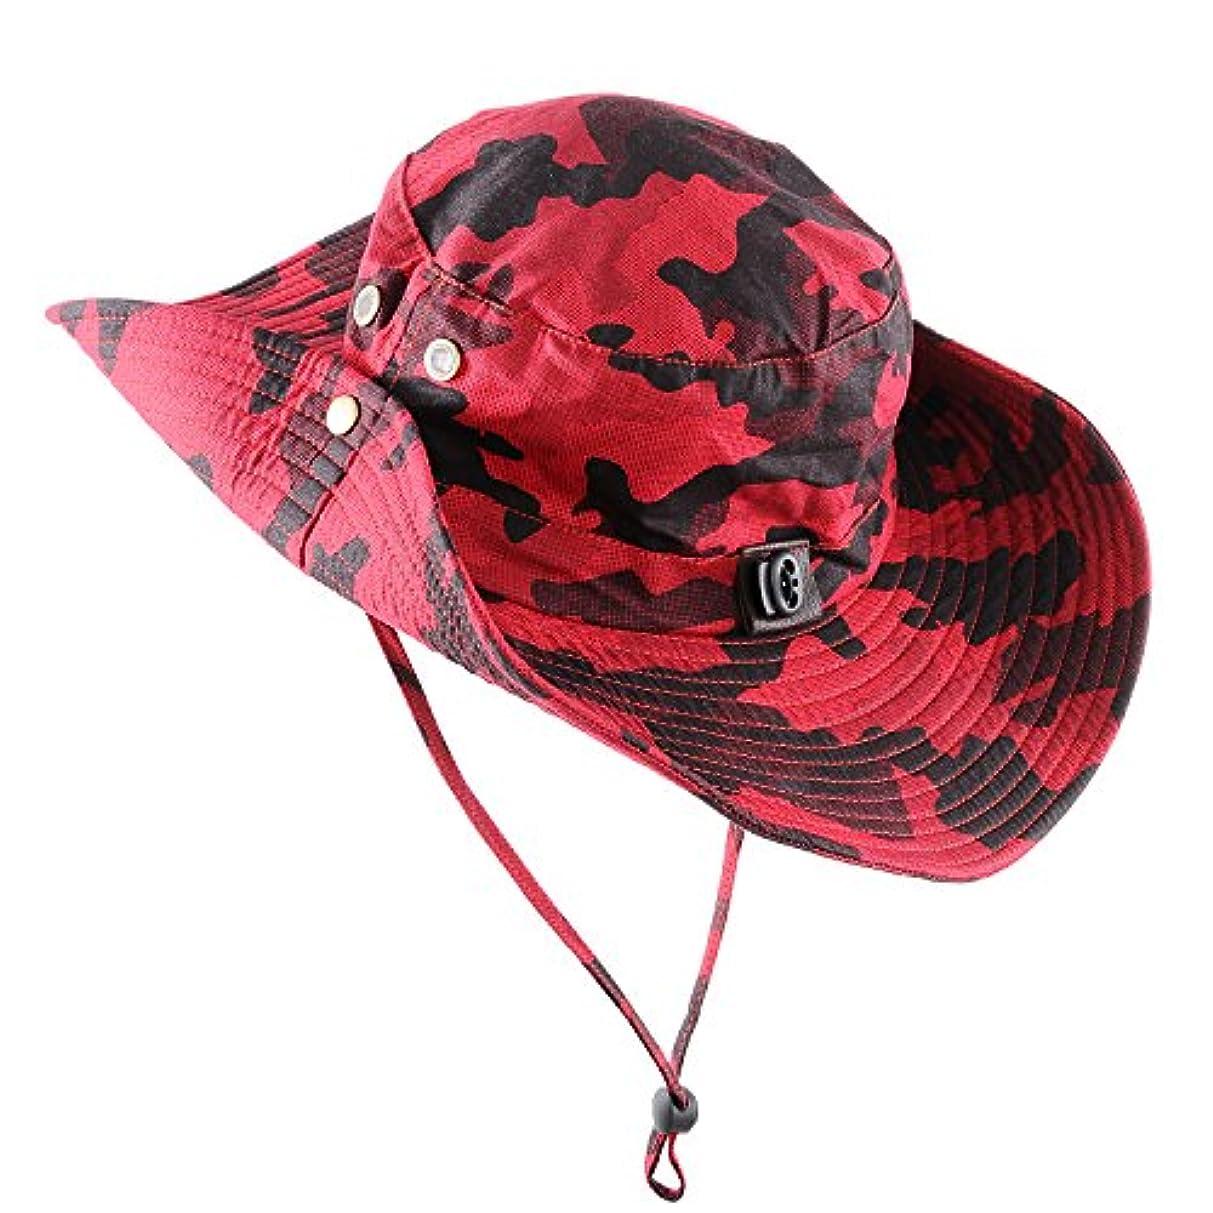 バリー公爵指micoop Wide Brim Military迷彩帽子夏釣り狩猟キャンプハイキングキャップアウトドアサンハットBoonie Hat